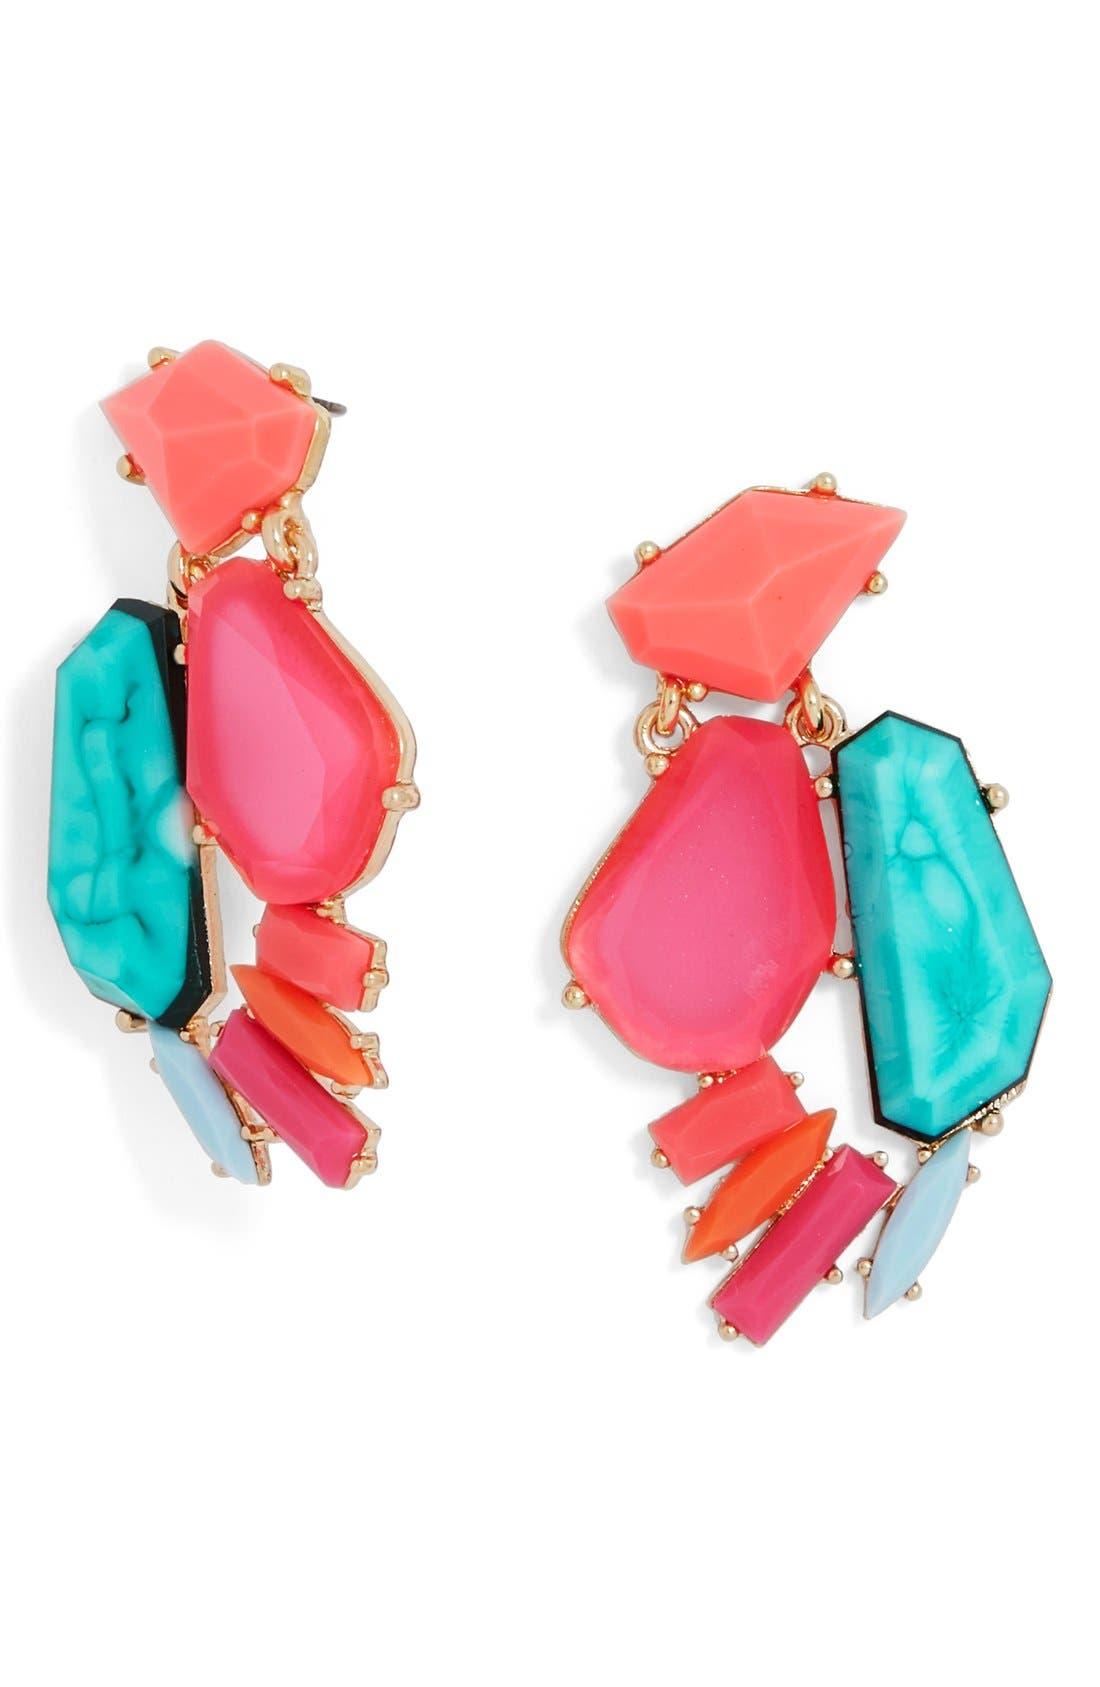 Main Image - BaubleBar 'Flo' Crystal Drop Earrings